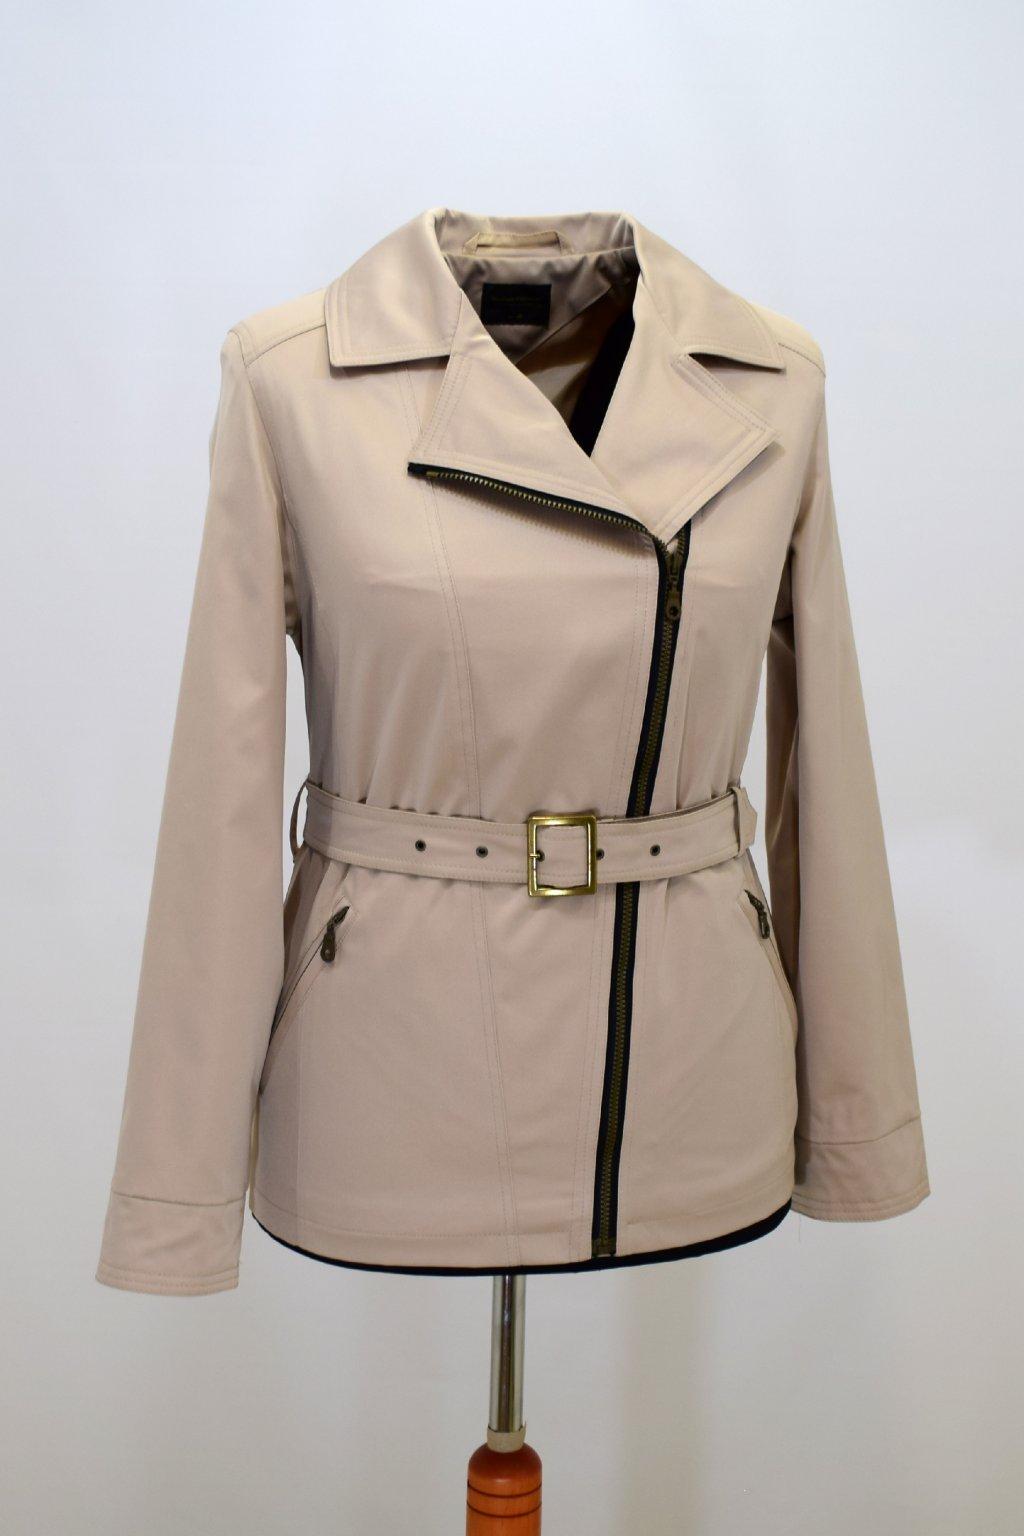 Dámský béžový jarní kabátek Zora nadměrné velikosti